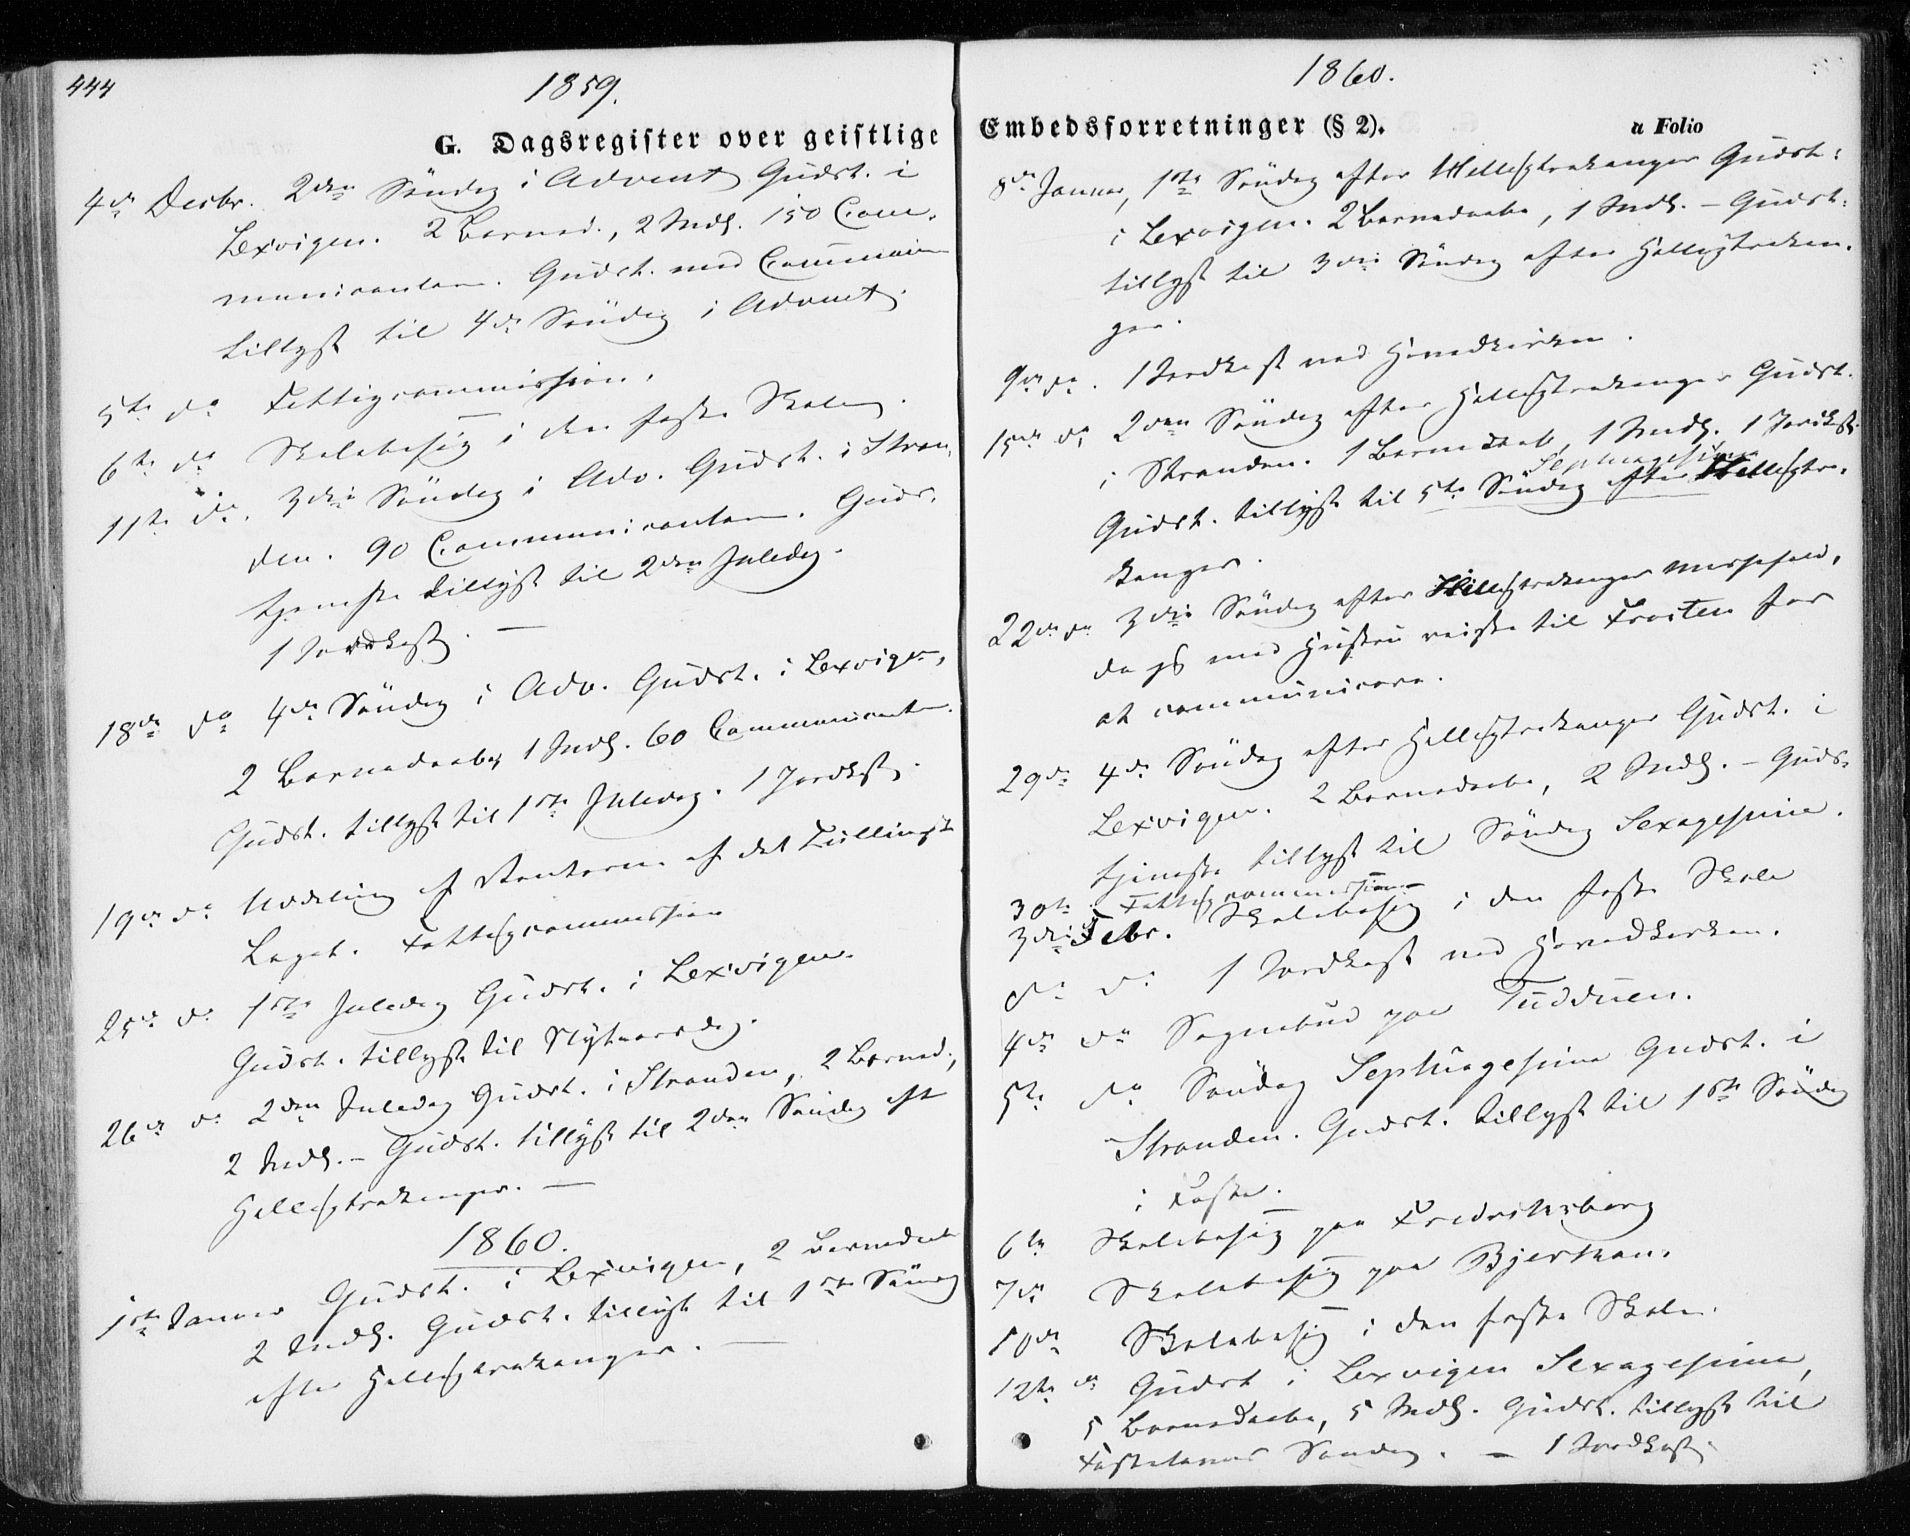 SAT, Ministerialprotokoller, klokkerbøker og fødselsregistre - Nord-Trøndelag, 701/L0008: Ministerialbok nr. 701A08 /1, 1854-1863, s. 444